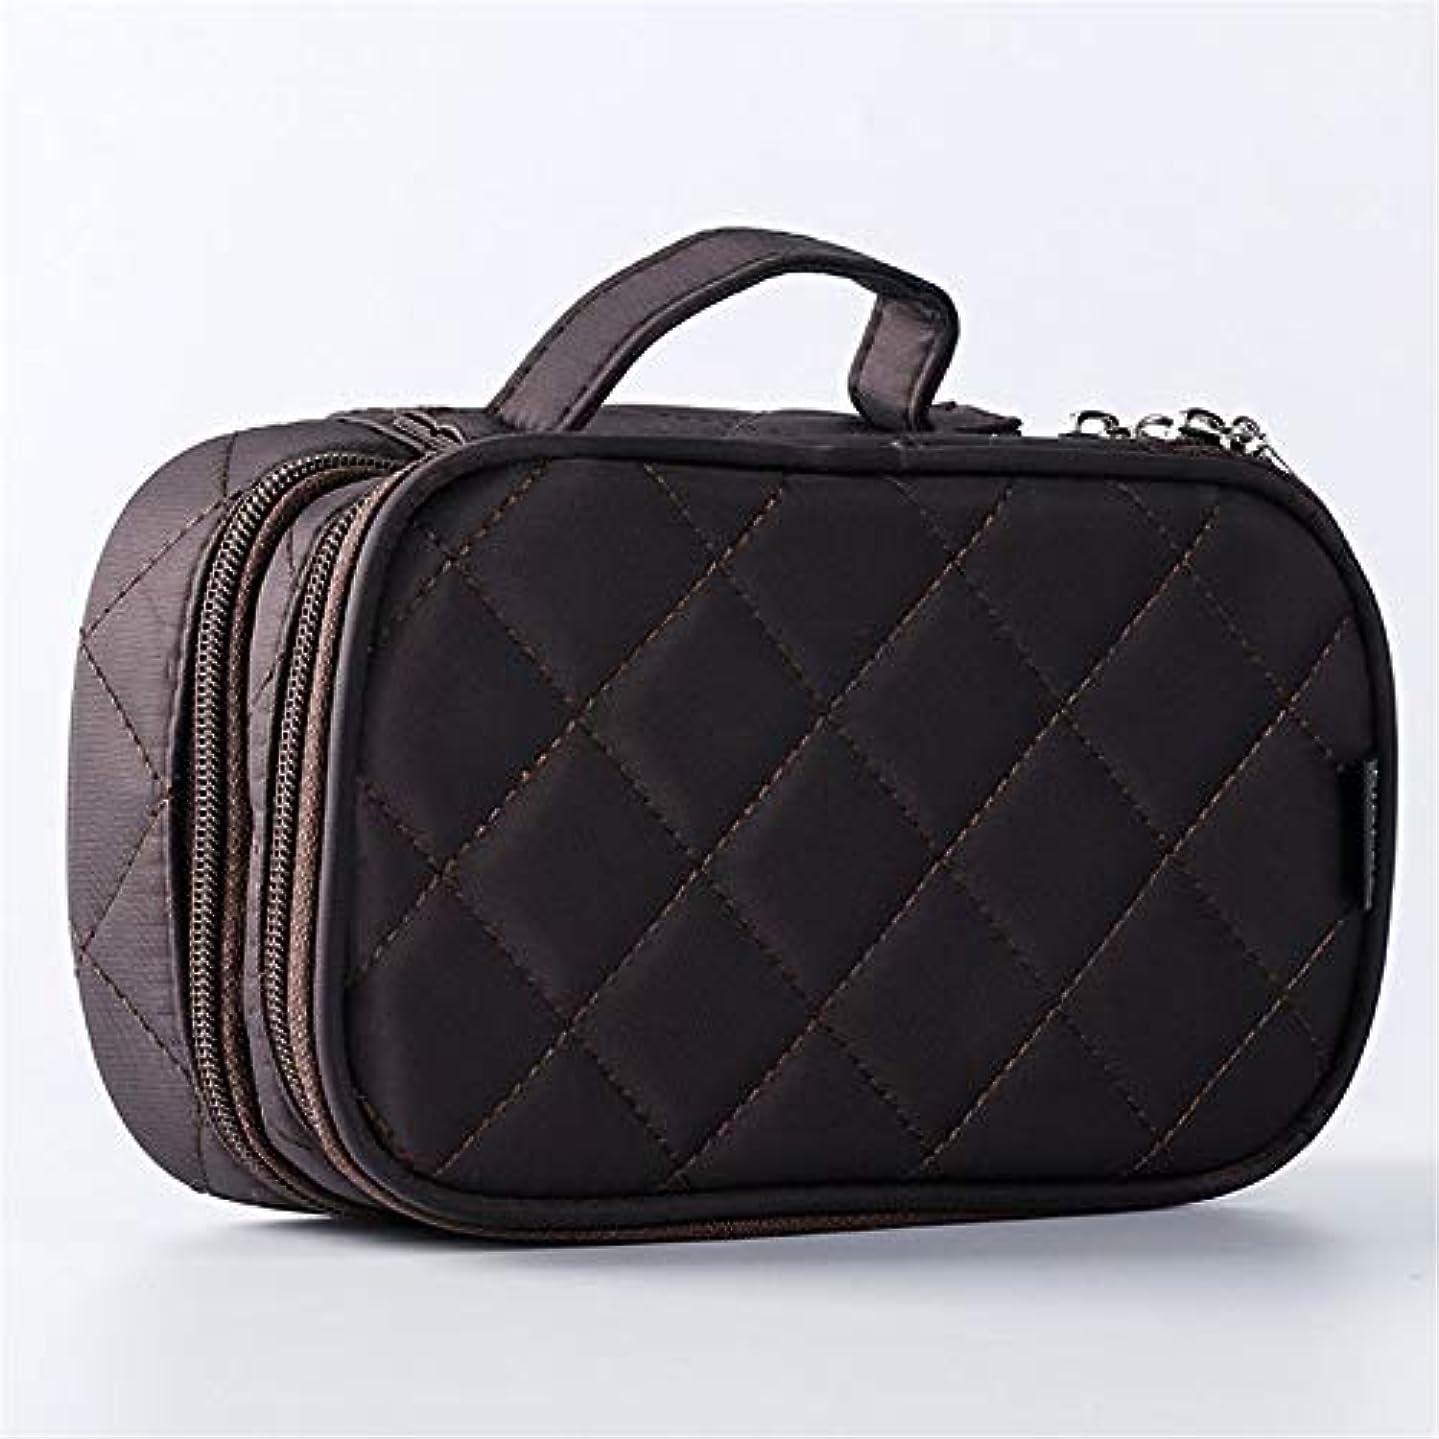 機動放つゴネリル特大スペース収納ビューティーボックス 旅行化粧品の箱、化粧品の箱およびコンパートメントが付いている専門の化粧品の化粧品袋の収納箱、透明で透明な網。 化粧品化粧台 (色 : 褐色)